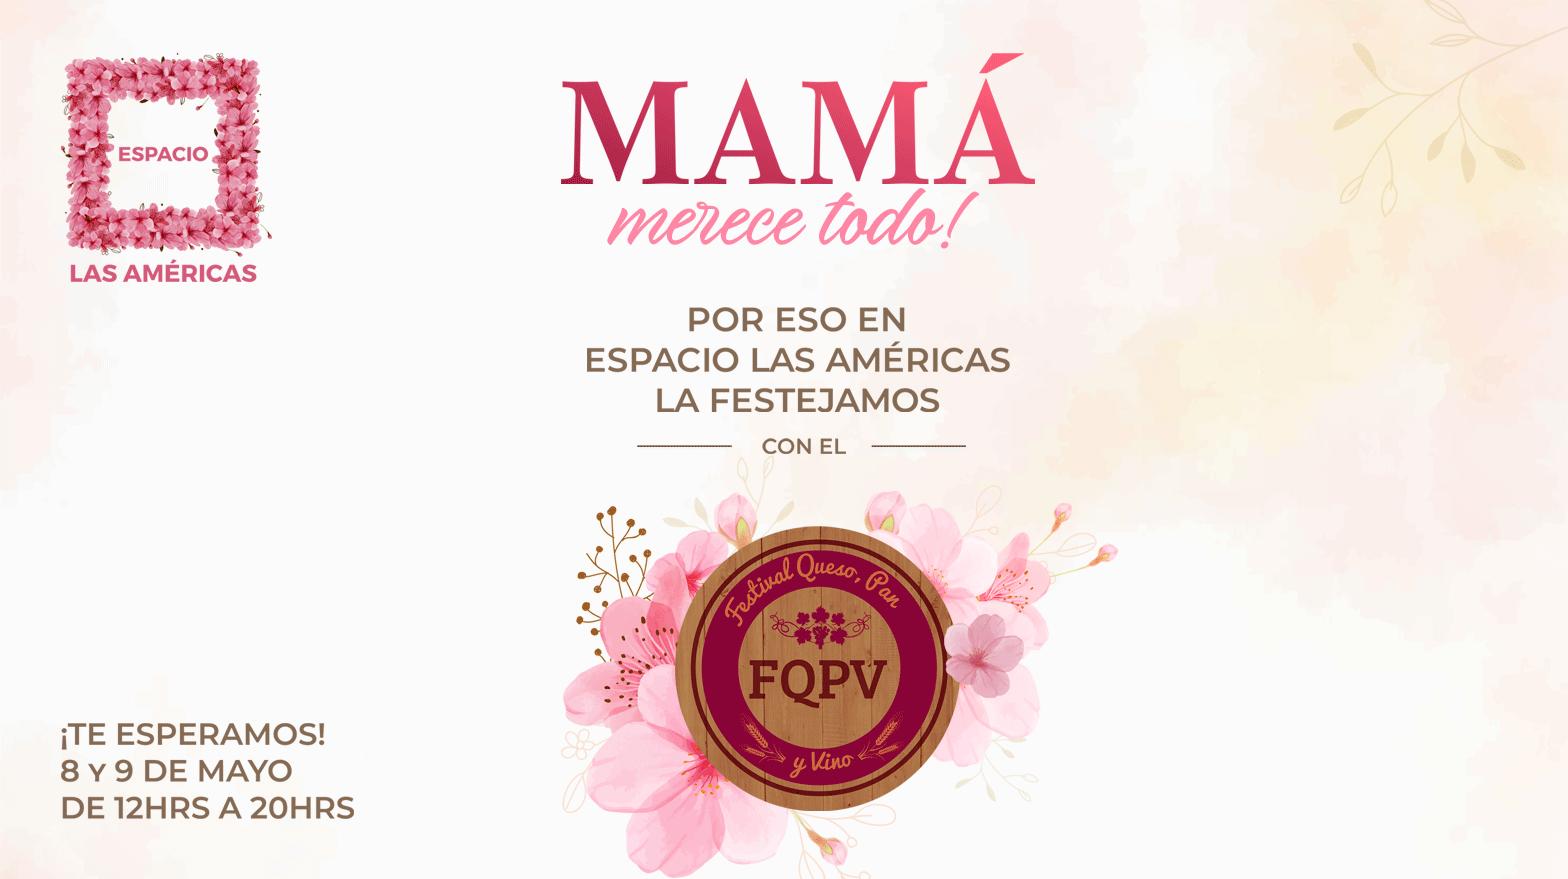 Festival del Queso, Pan y Vino se celebrará en Espacio Las Américas